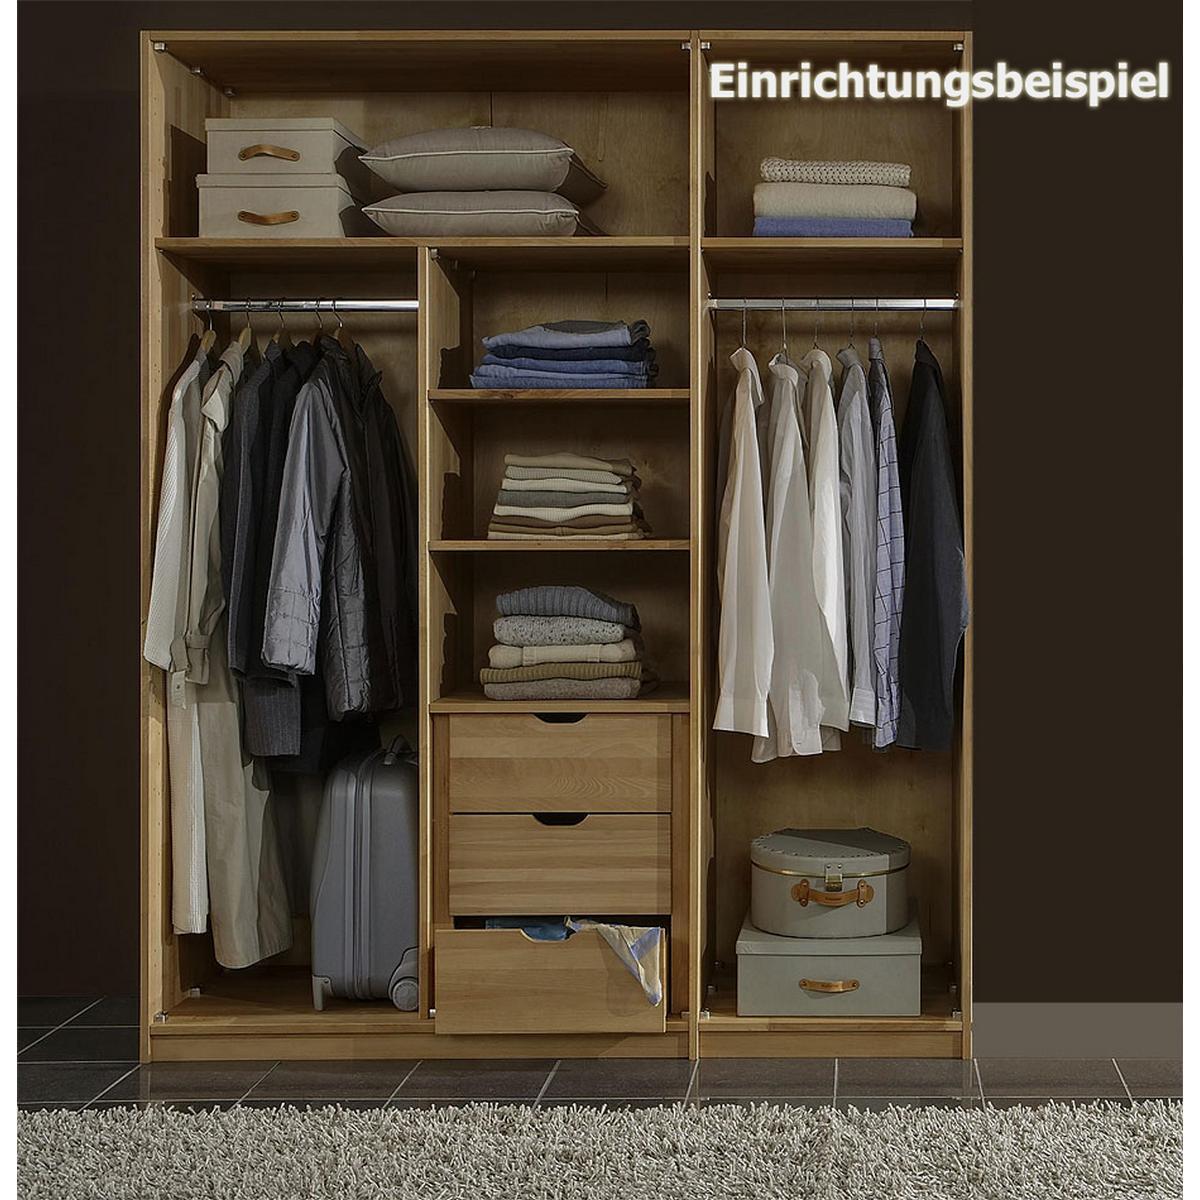 Schlafzimmerkasten vollholz  Vollholz Kleiderschrank Kaufen: Kleiderschrank massivholz: t riger ...